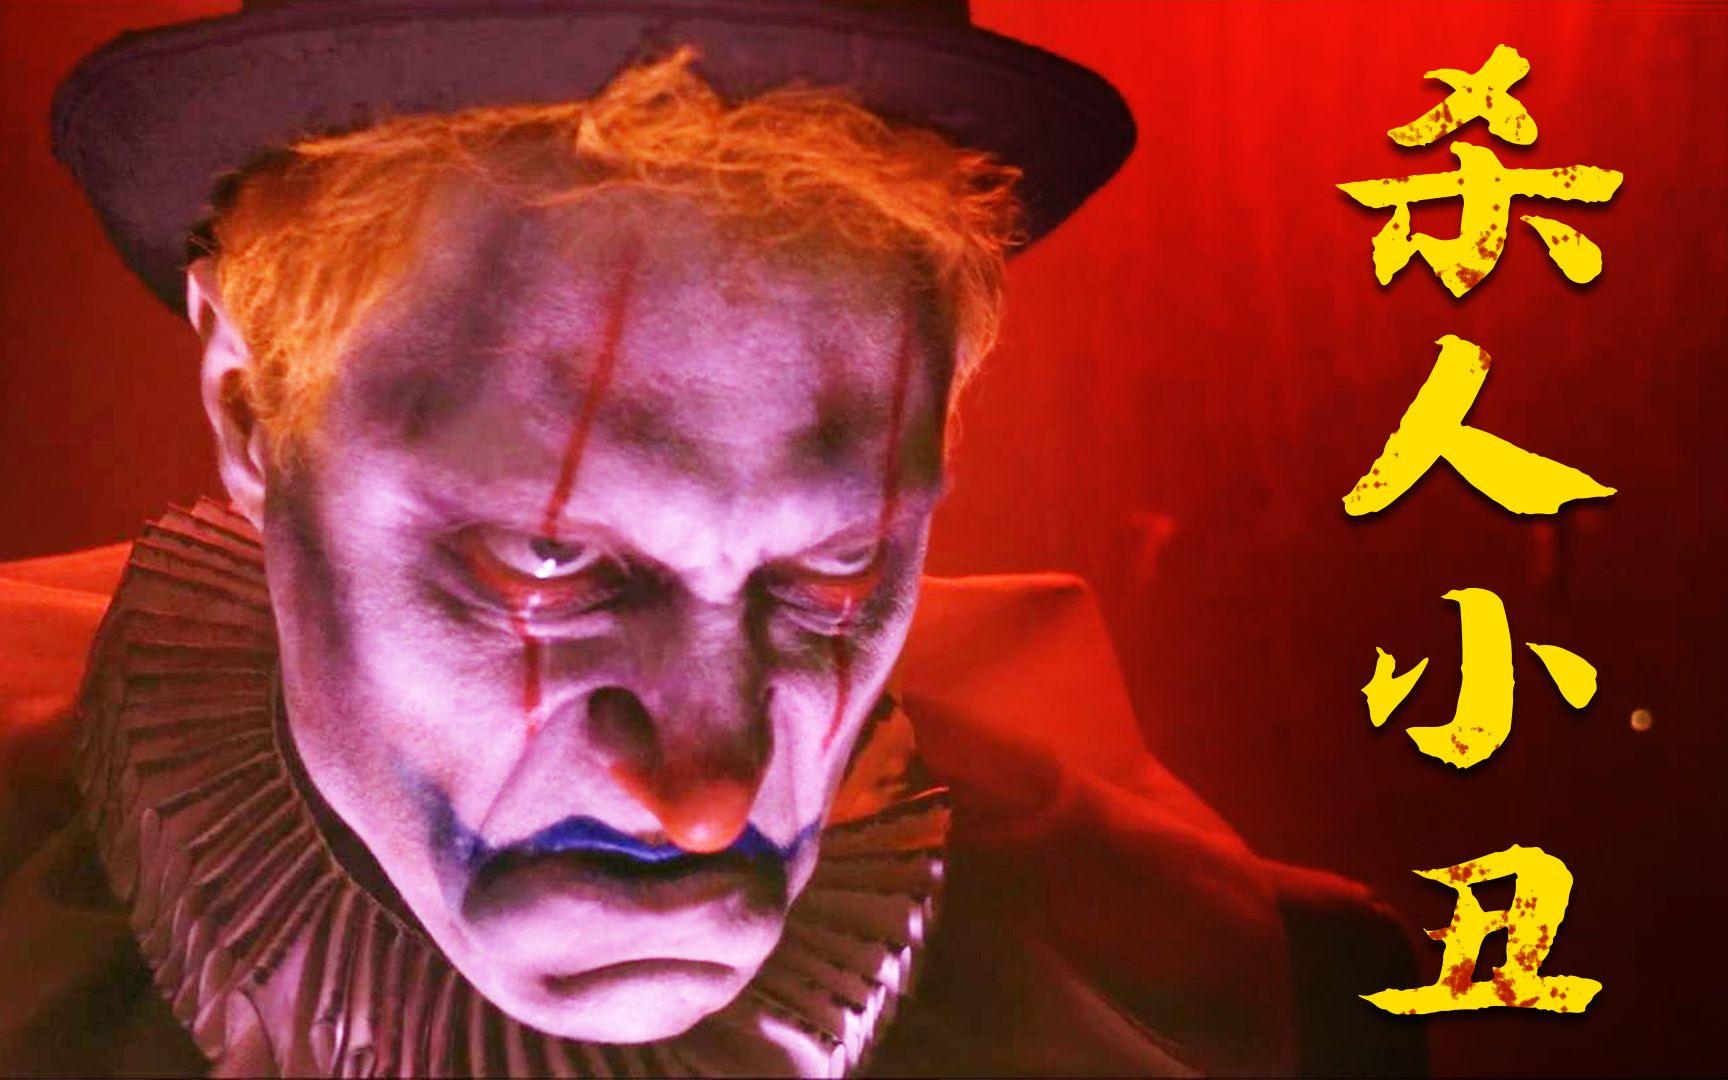 【憨憨哥】变态小丑极度凶残,为了报复村民,把活人当猎物,犯罪电影